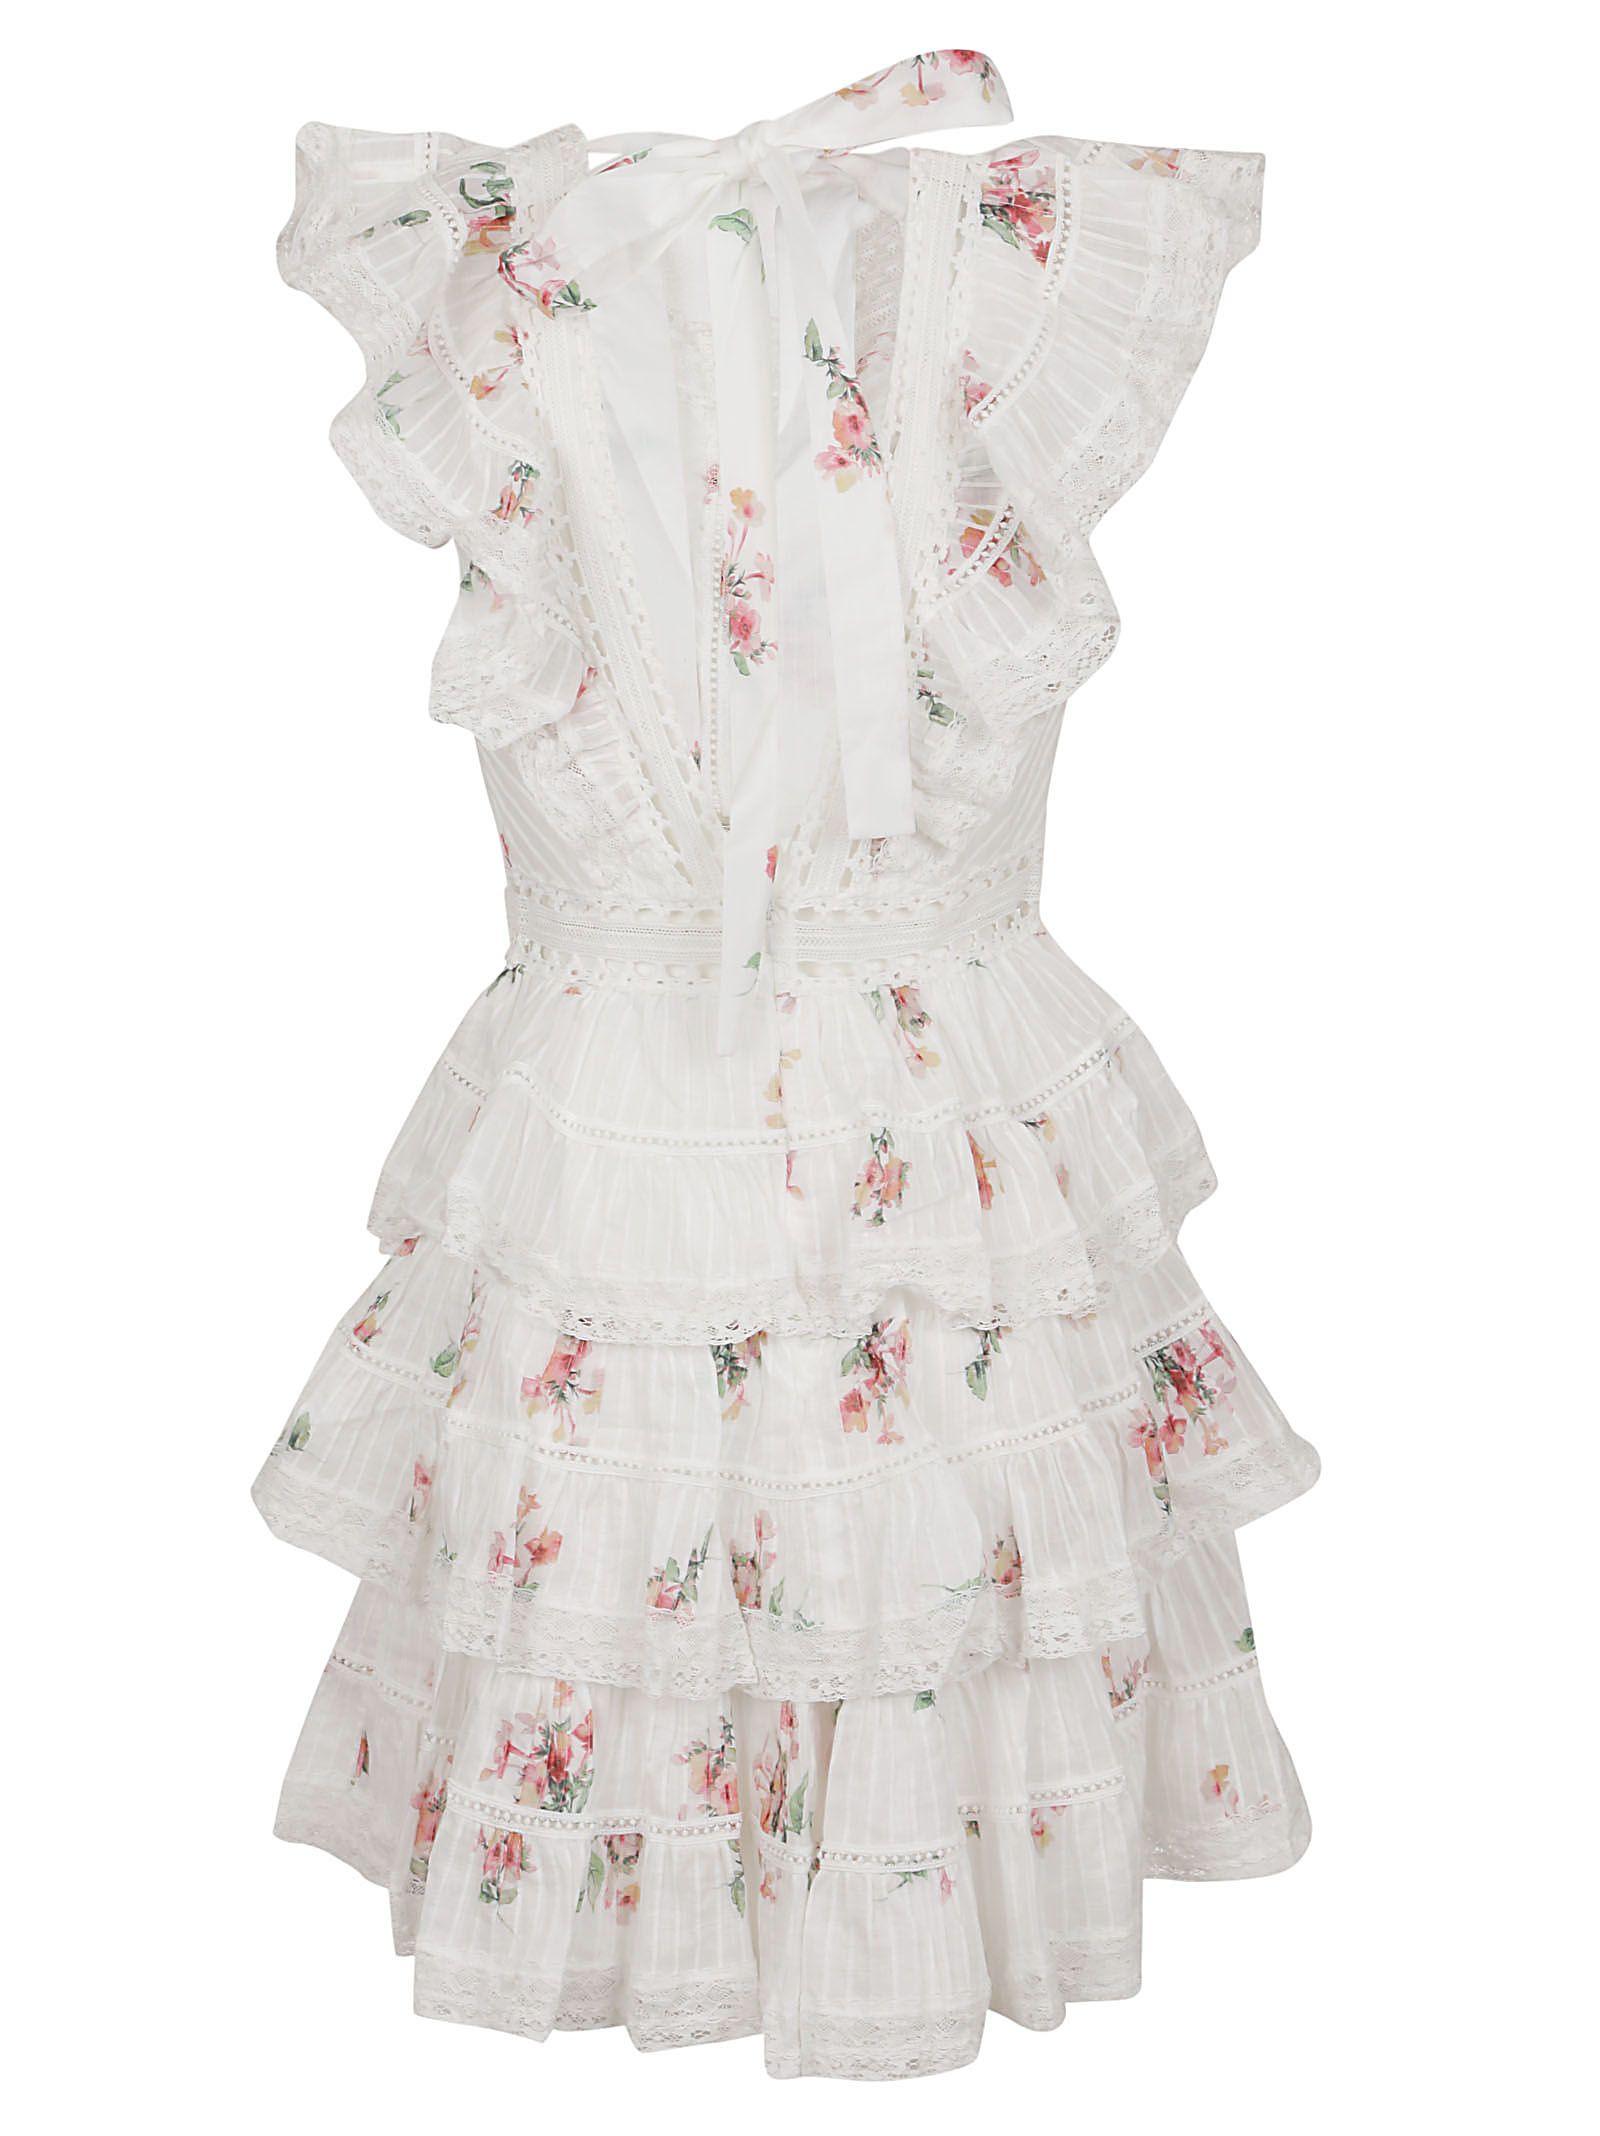 27653e3251 Zimmermann Zimmermann Heathers Pintuck Frill Short Dress - Basic ...